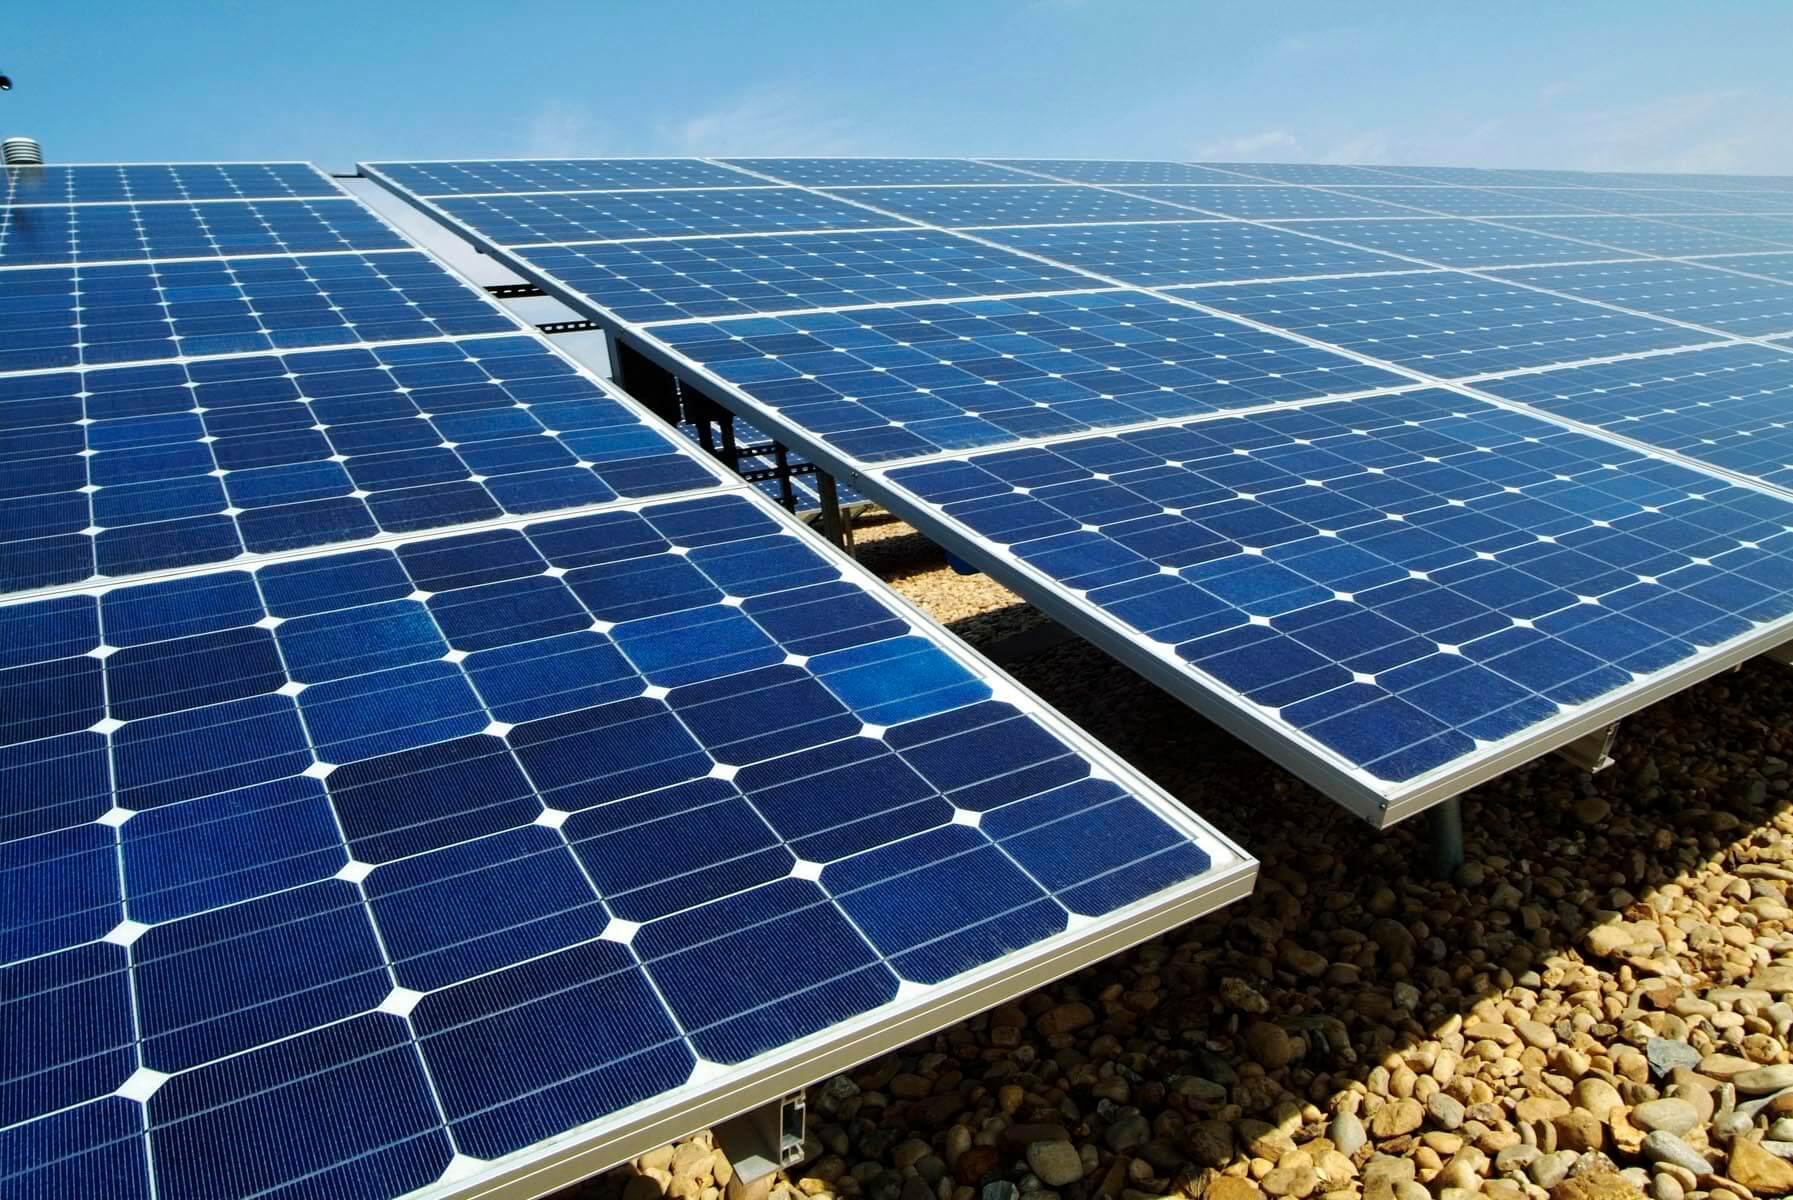 xây dựng tấm pin mặt trời, hệ thống dây điện, Xây dựng nhà ở tấm pin mặt trời hệ thống điện mặt trời